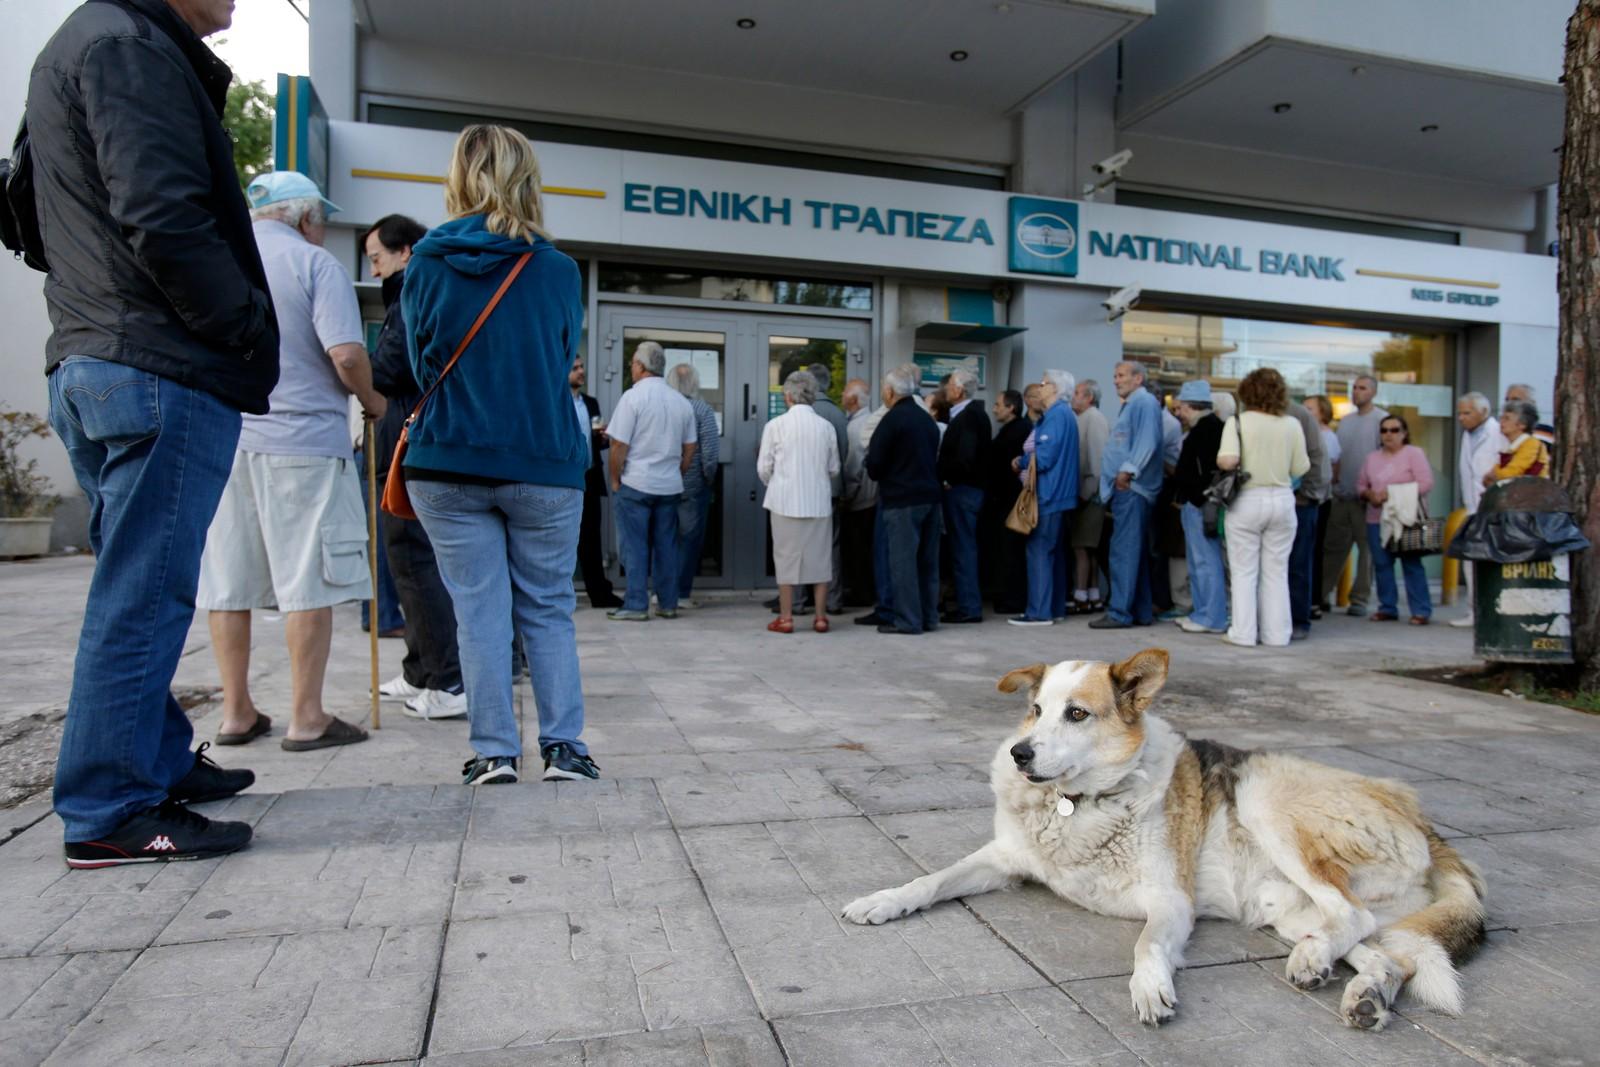 Pensjonister venter i kø utenfor en bank i Aten for å få ta ut penger, mens andre benytter minibanken på utsiden.